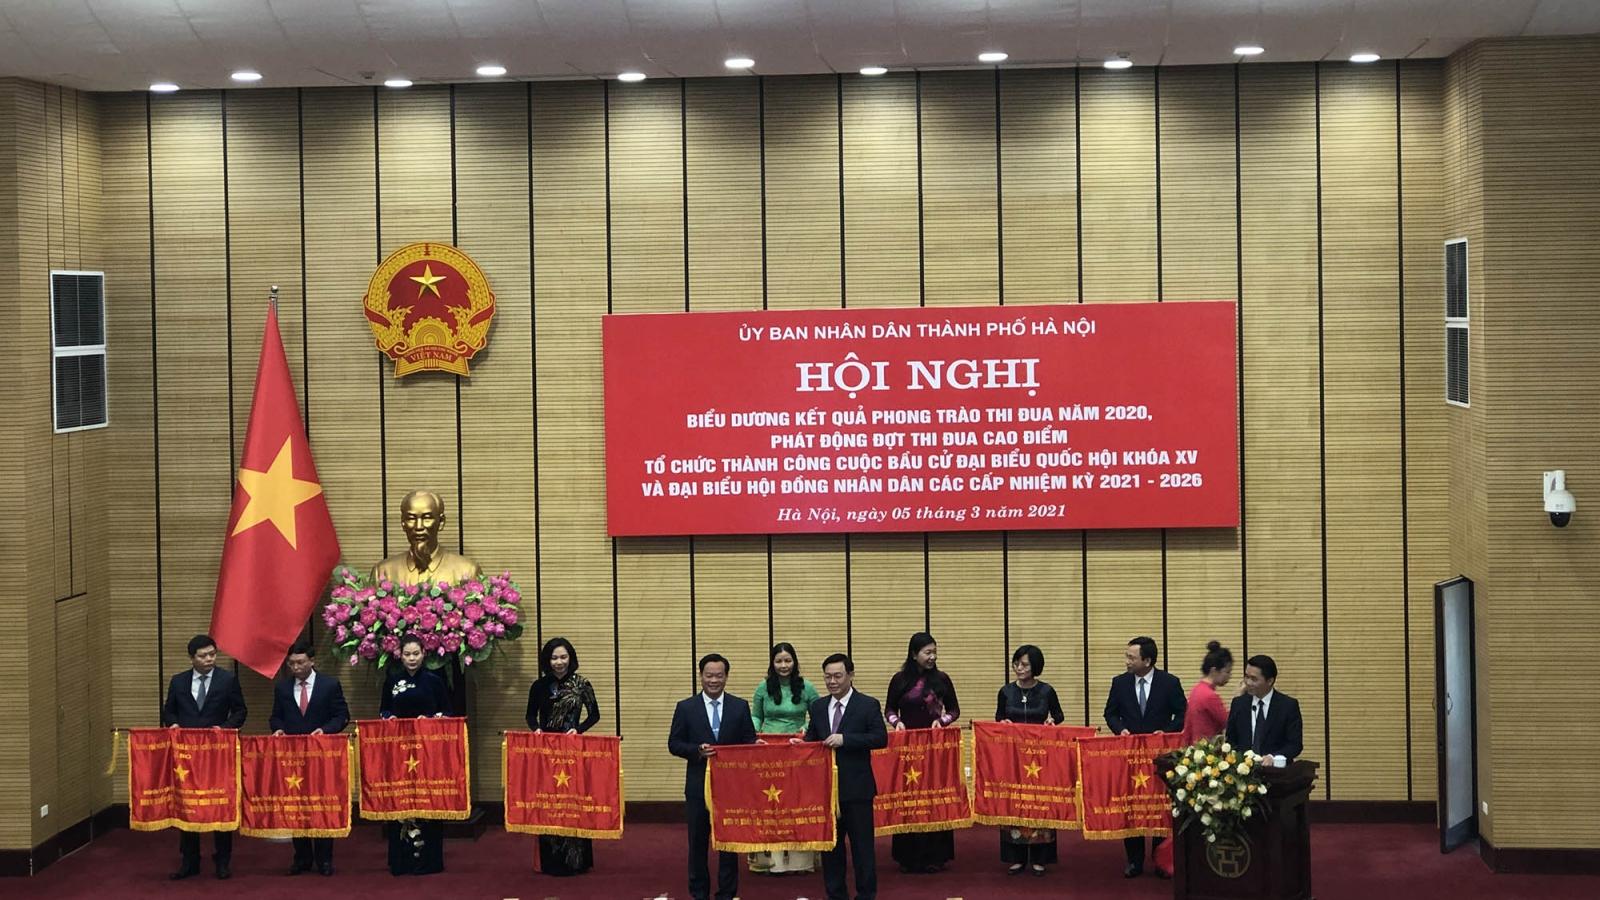 Hà Nội phát động đợt thi đua cao điểm tổ chức thành công bầu cử Quốc hội và HĐND các cấp